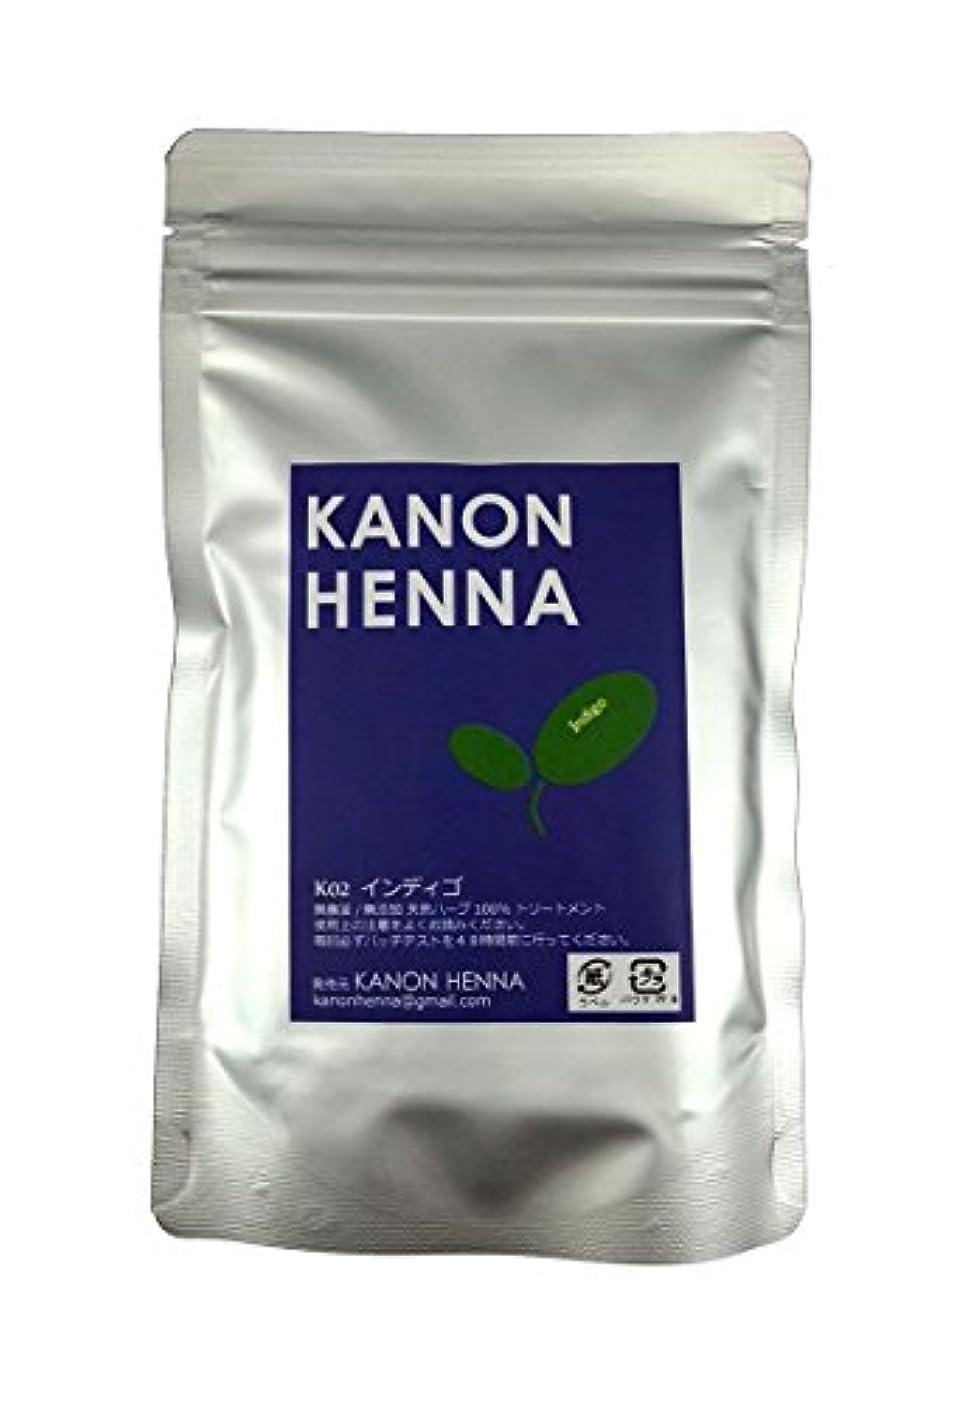 恐ろしい知らせる曇ったヘナ カノンヘナ 天然ハーブ 無農薬無添加 ケミカルゼロ ヘアトリートメント 毛染め 染毛 白髪 青紫 henna-indigo